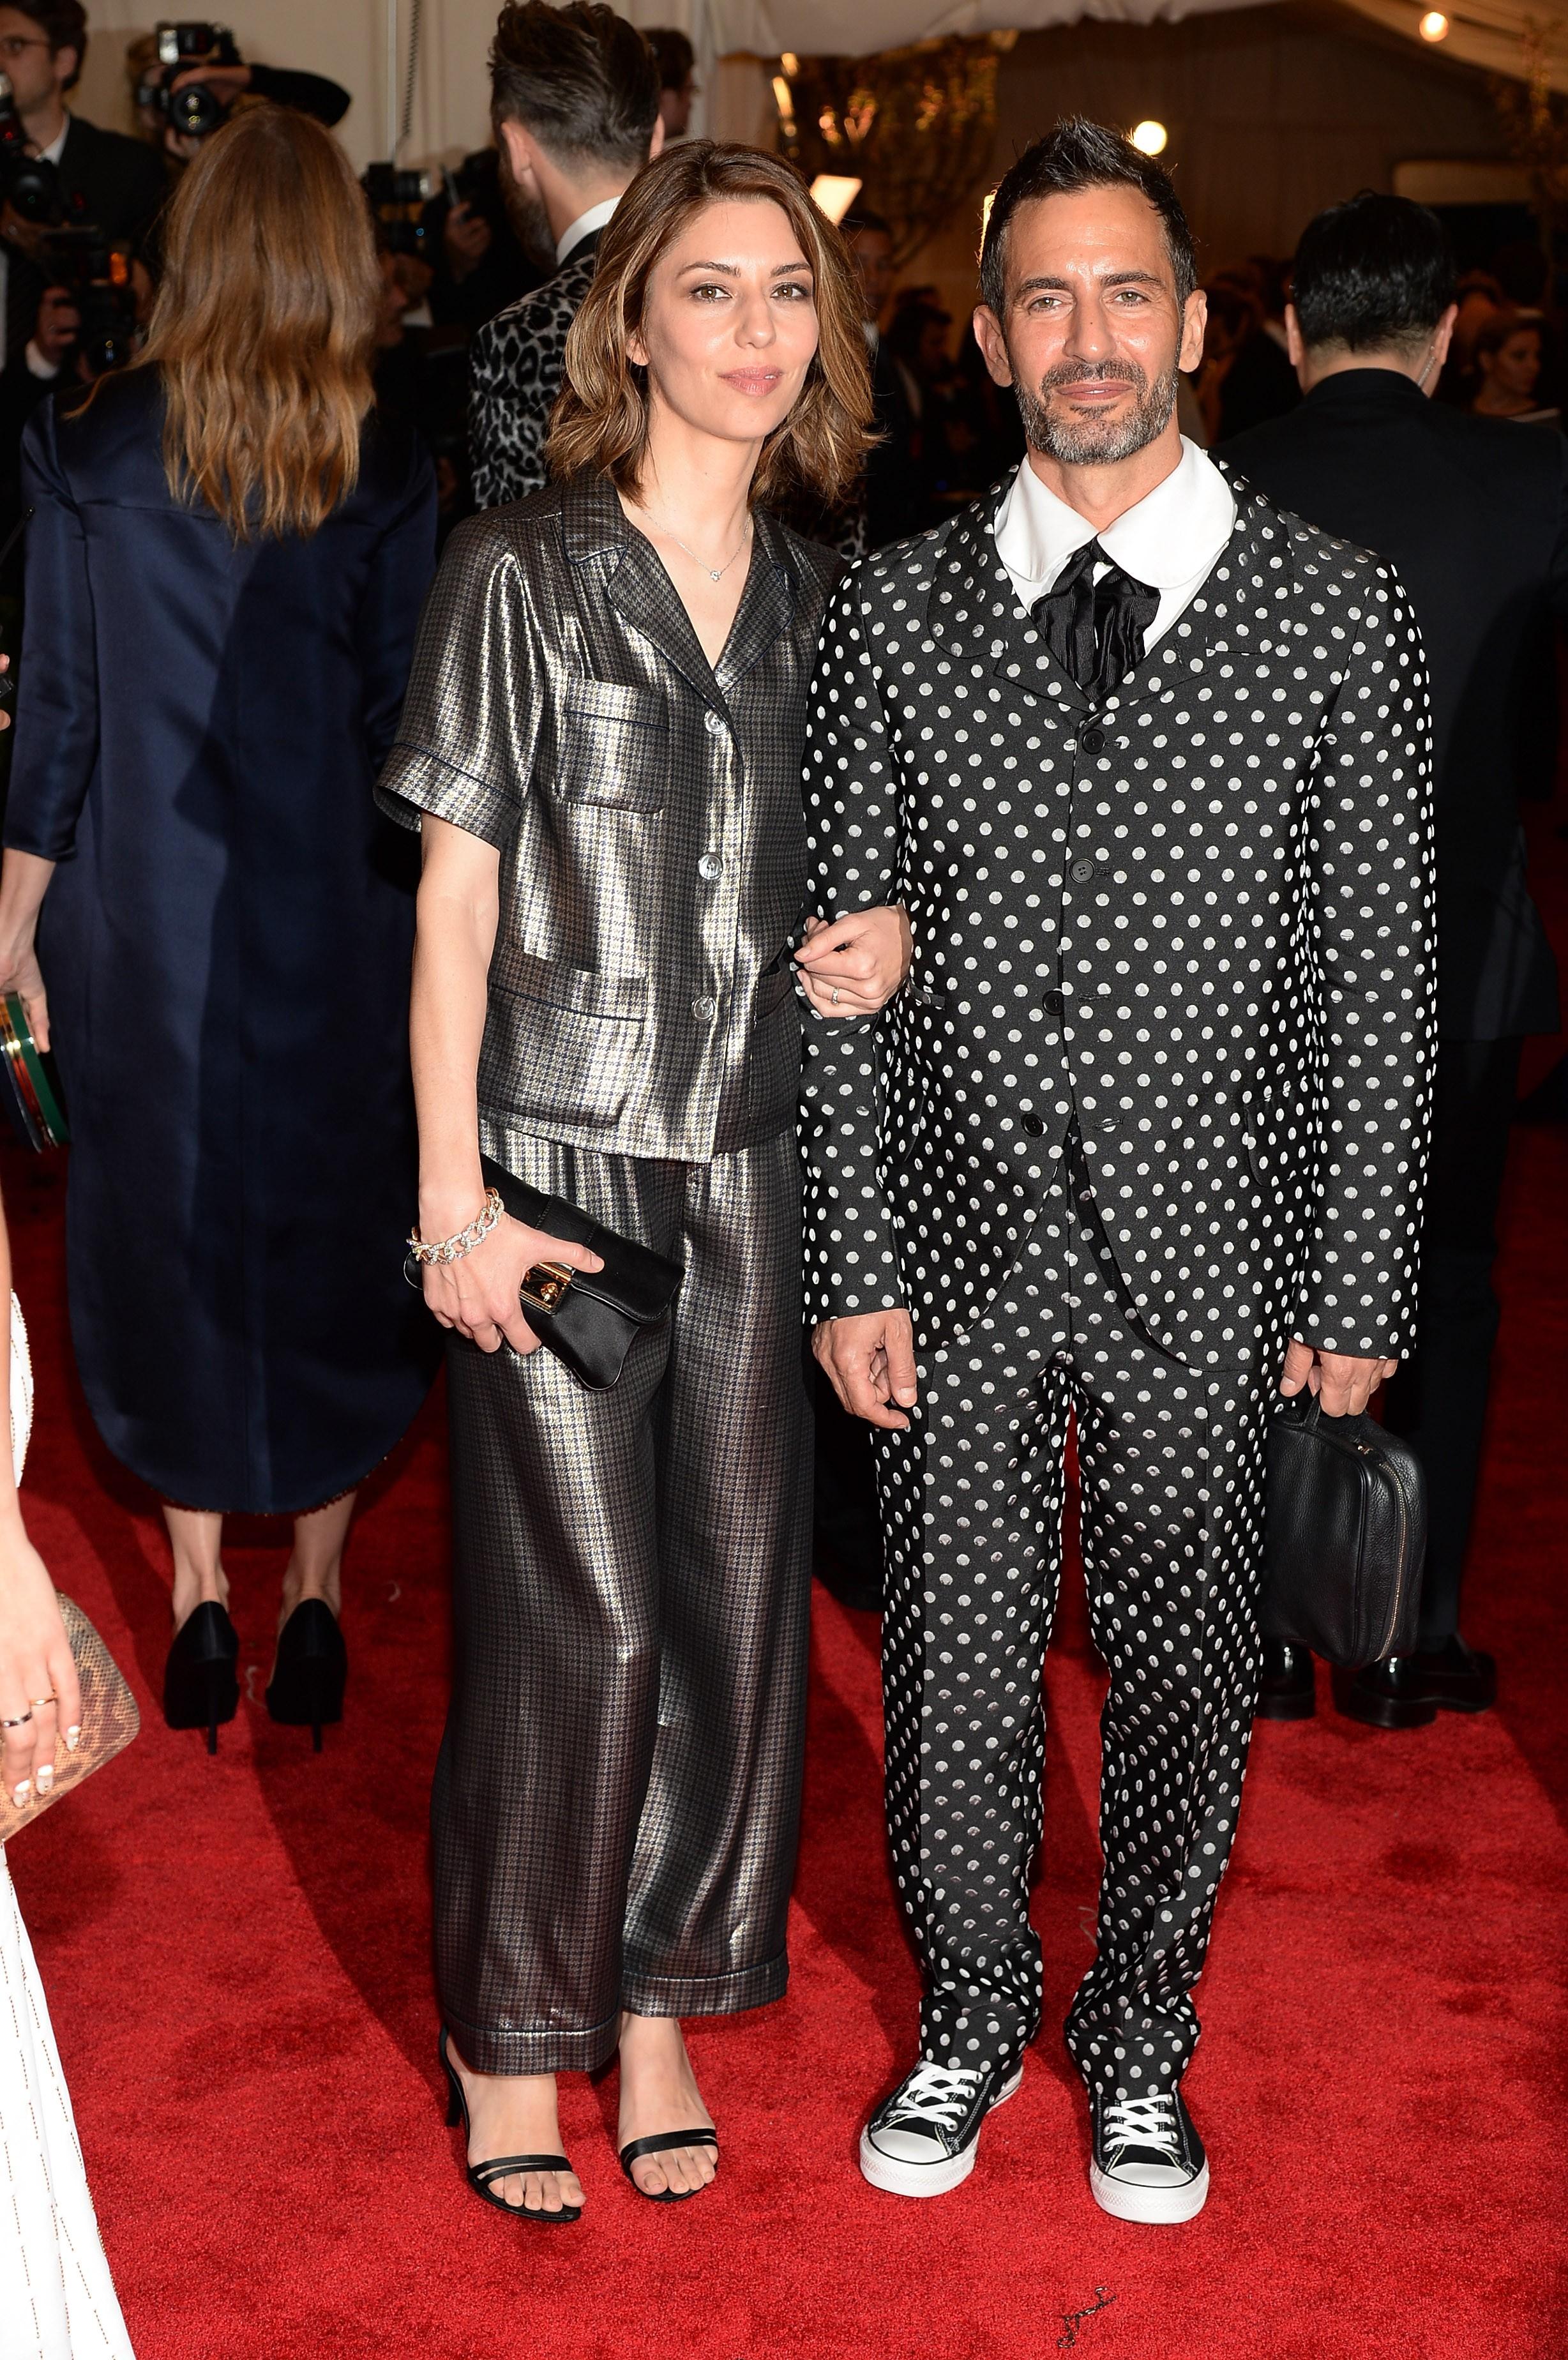 De poá no red carpet com a amiga Sofia Coppola (Foto: Getty Images)